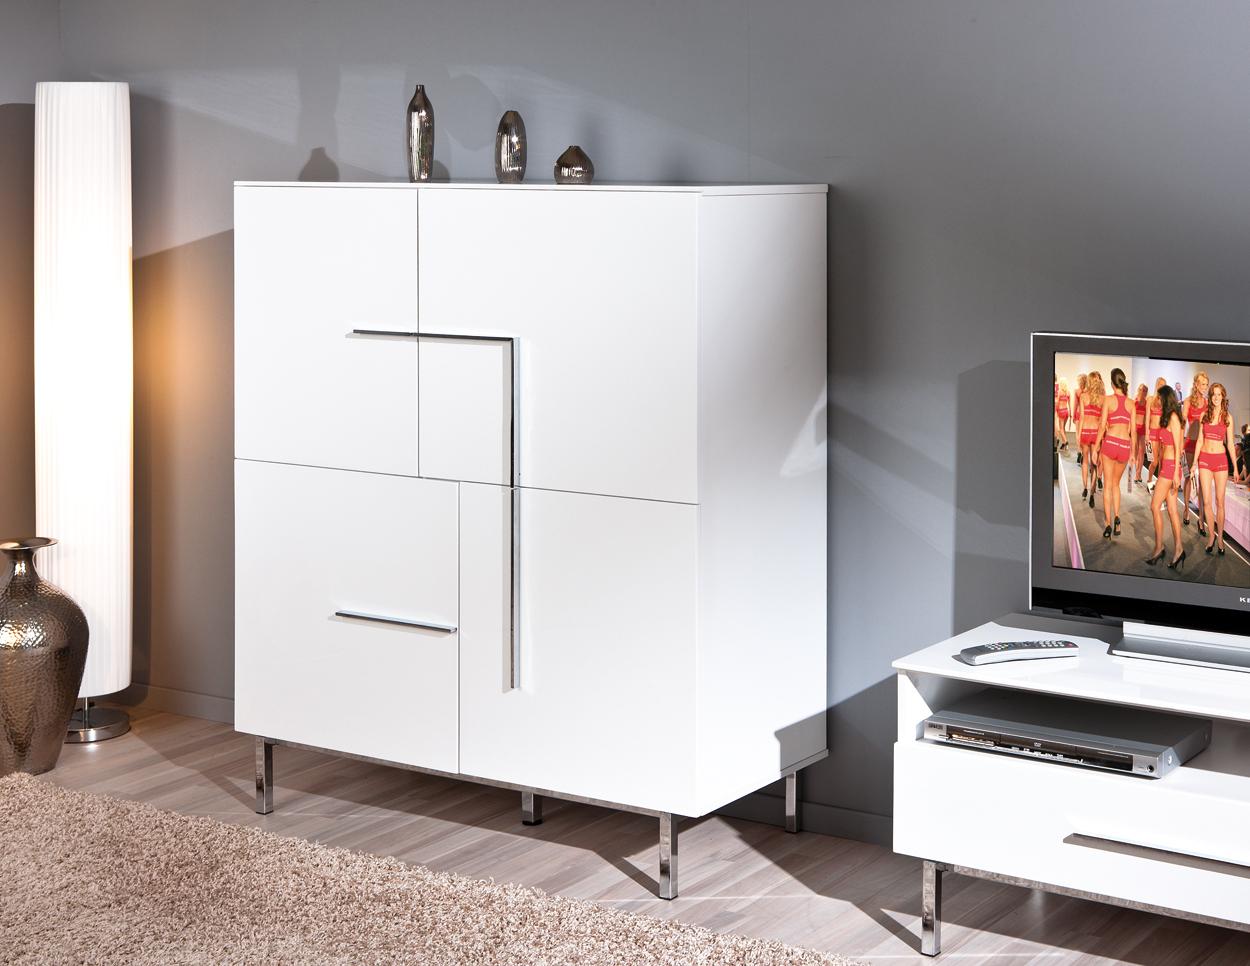 Credenza Moderna Sala : Credenza moderna jole 21 mobile sala e soggiorno bianco design